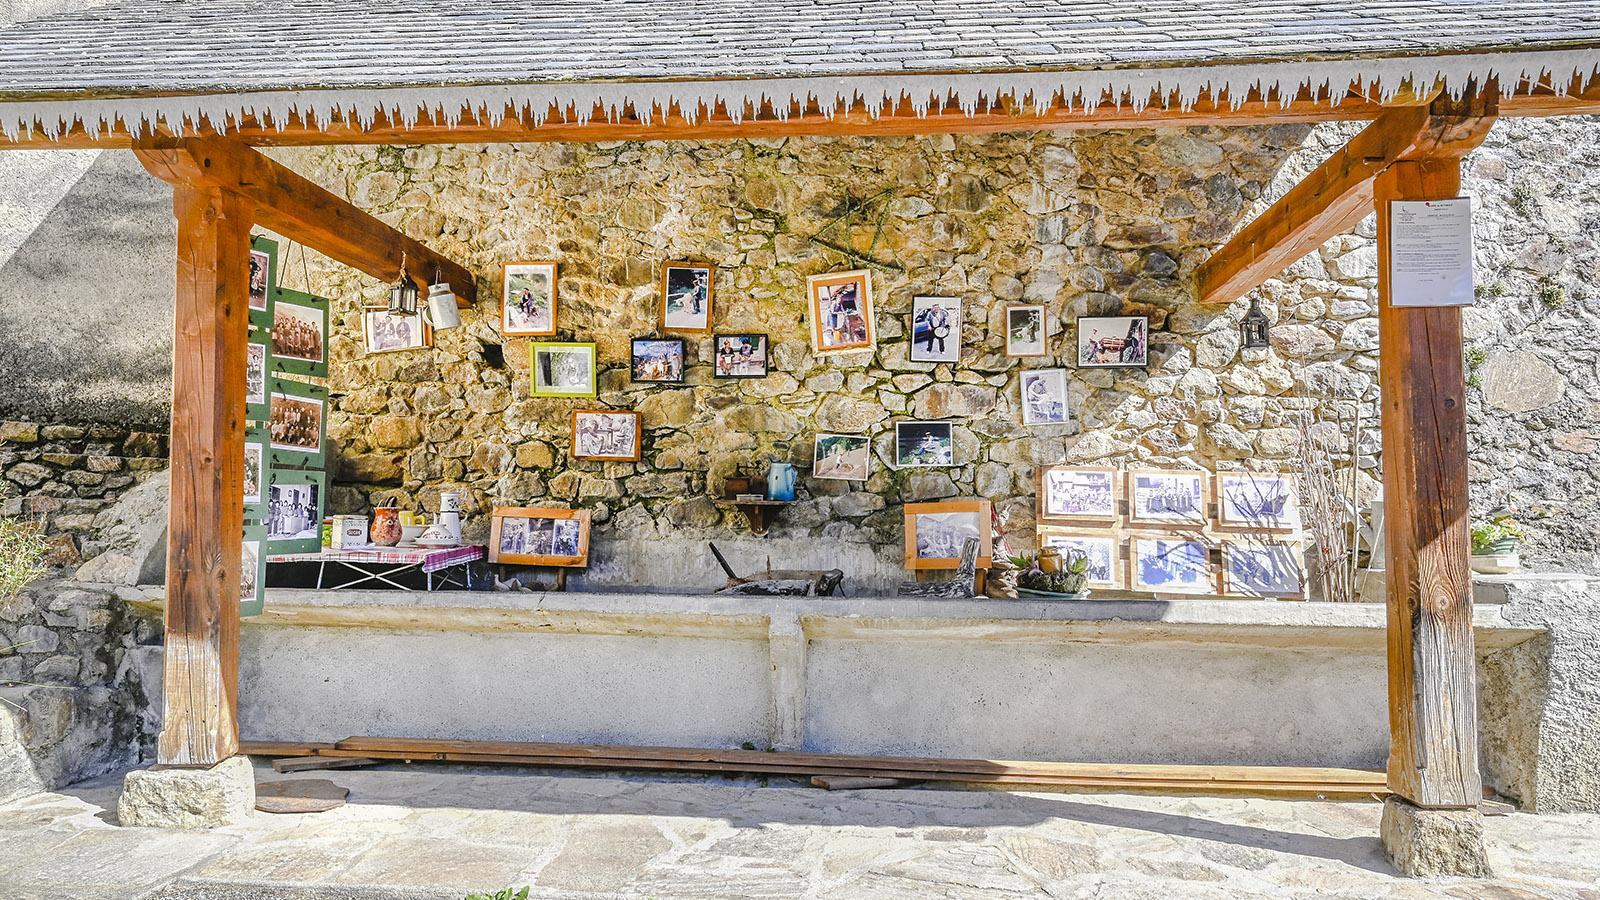 Das Waschhaus von Ayet bewahrt heute die Erinnerungen an das Landleben von einst im Tal von Bethmale. Foto: Hilke Maunder